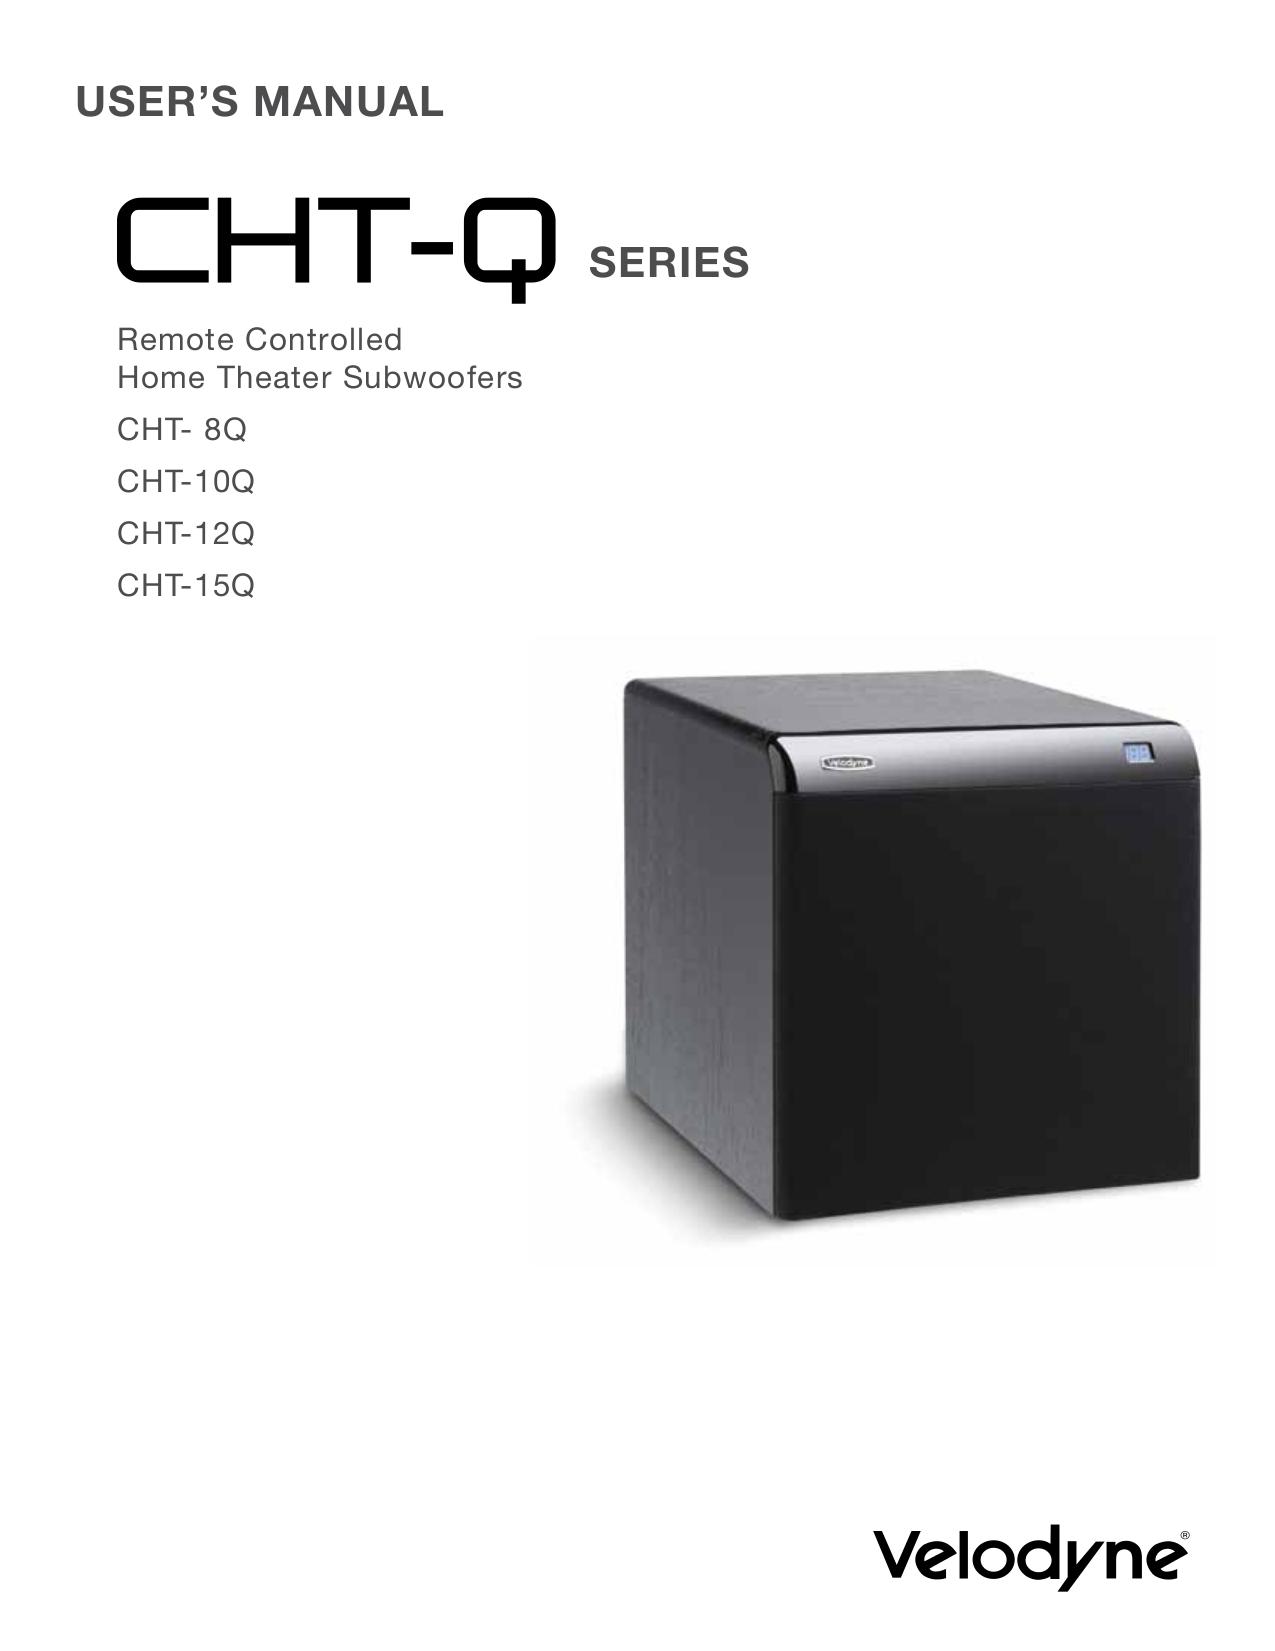 download free pdf for velodyne cht 8r subwoofer manual rh umlib com